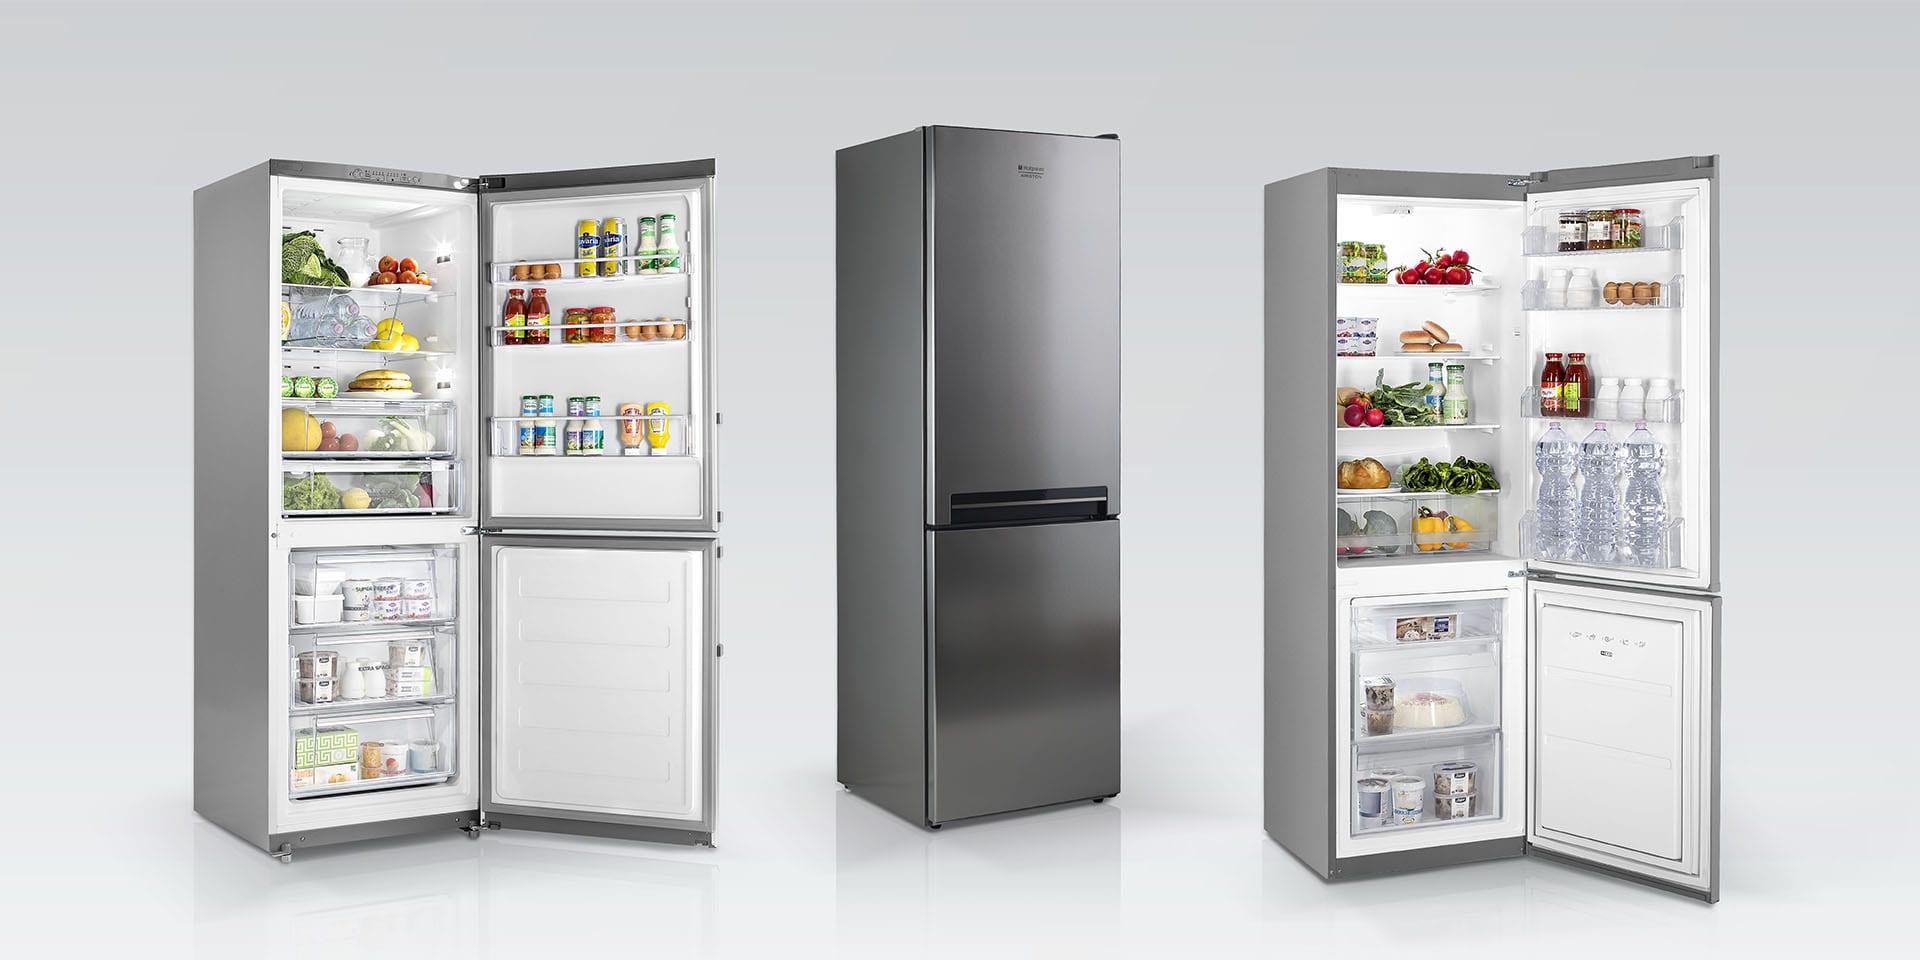 Elettrodomestici per la cucina - Mondo Convenienza